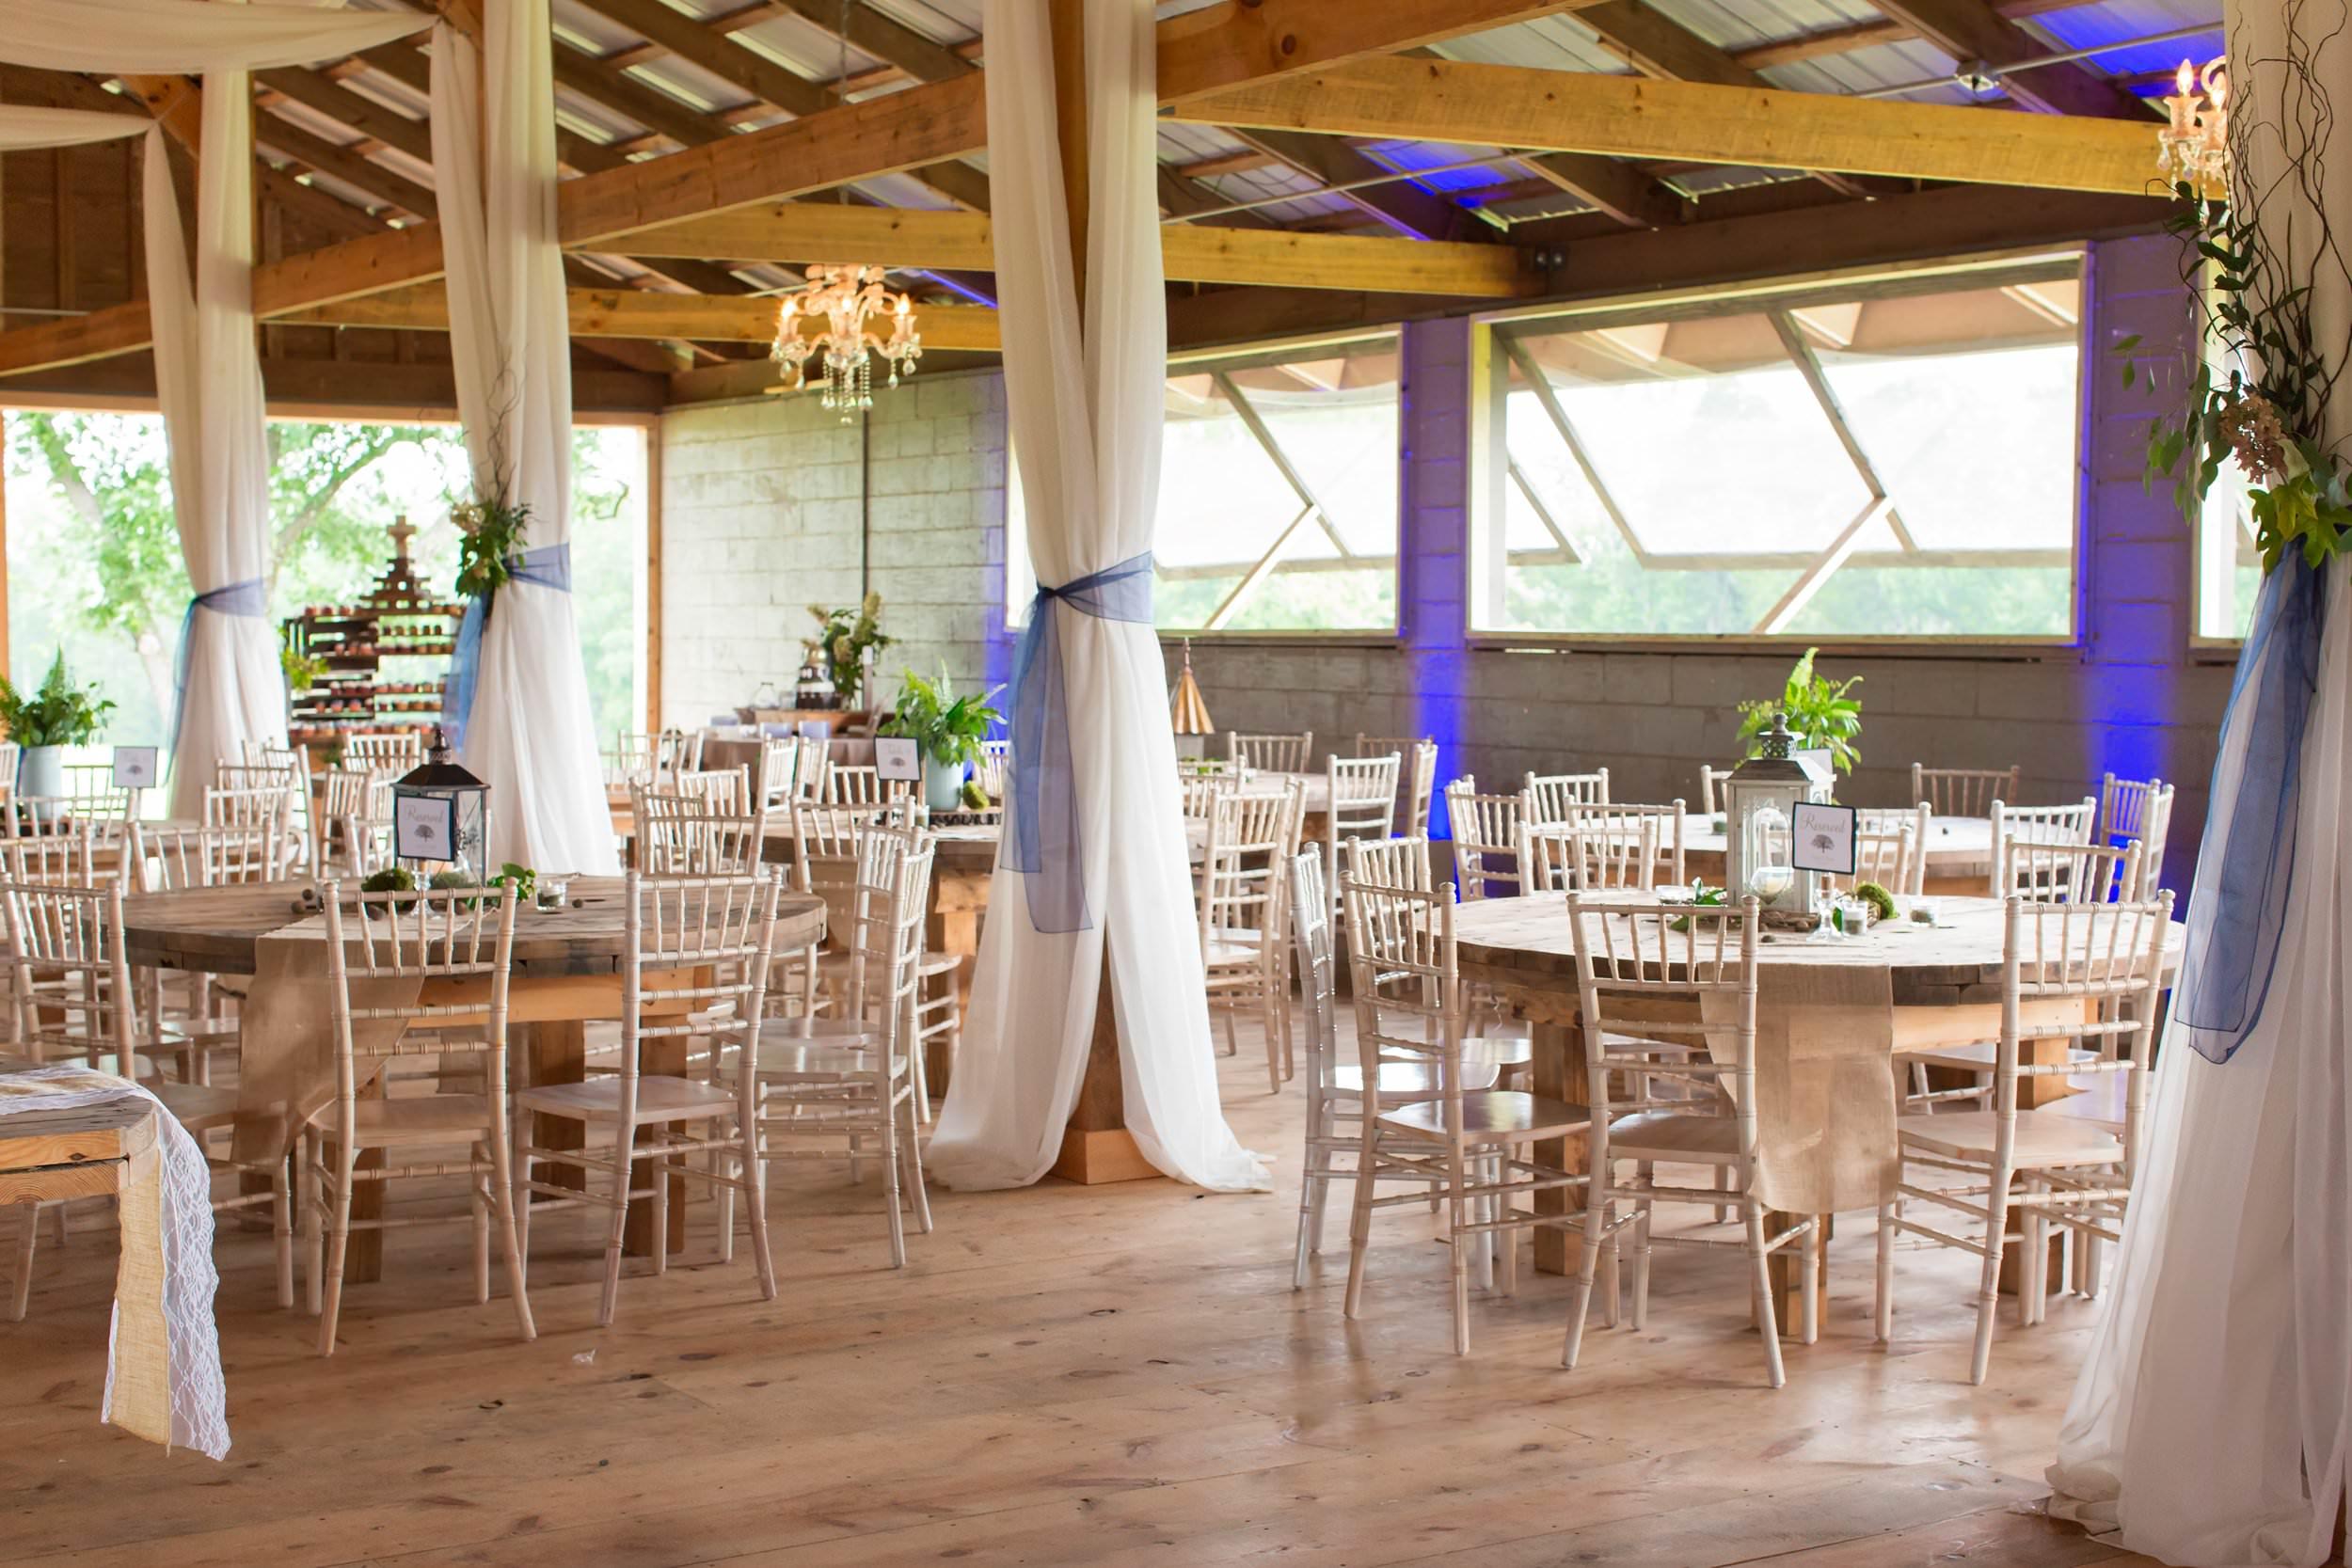 Abby-Manor-Events-Wedding-Photos51.jpg